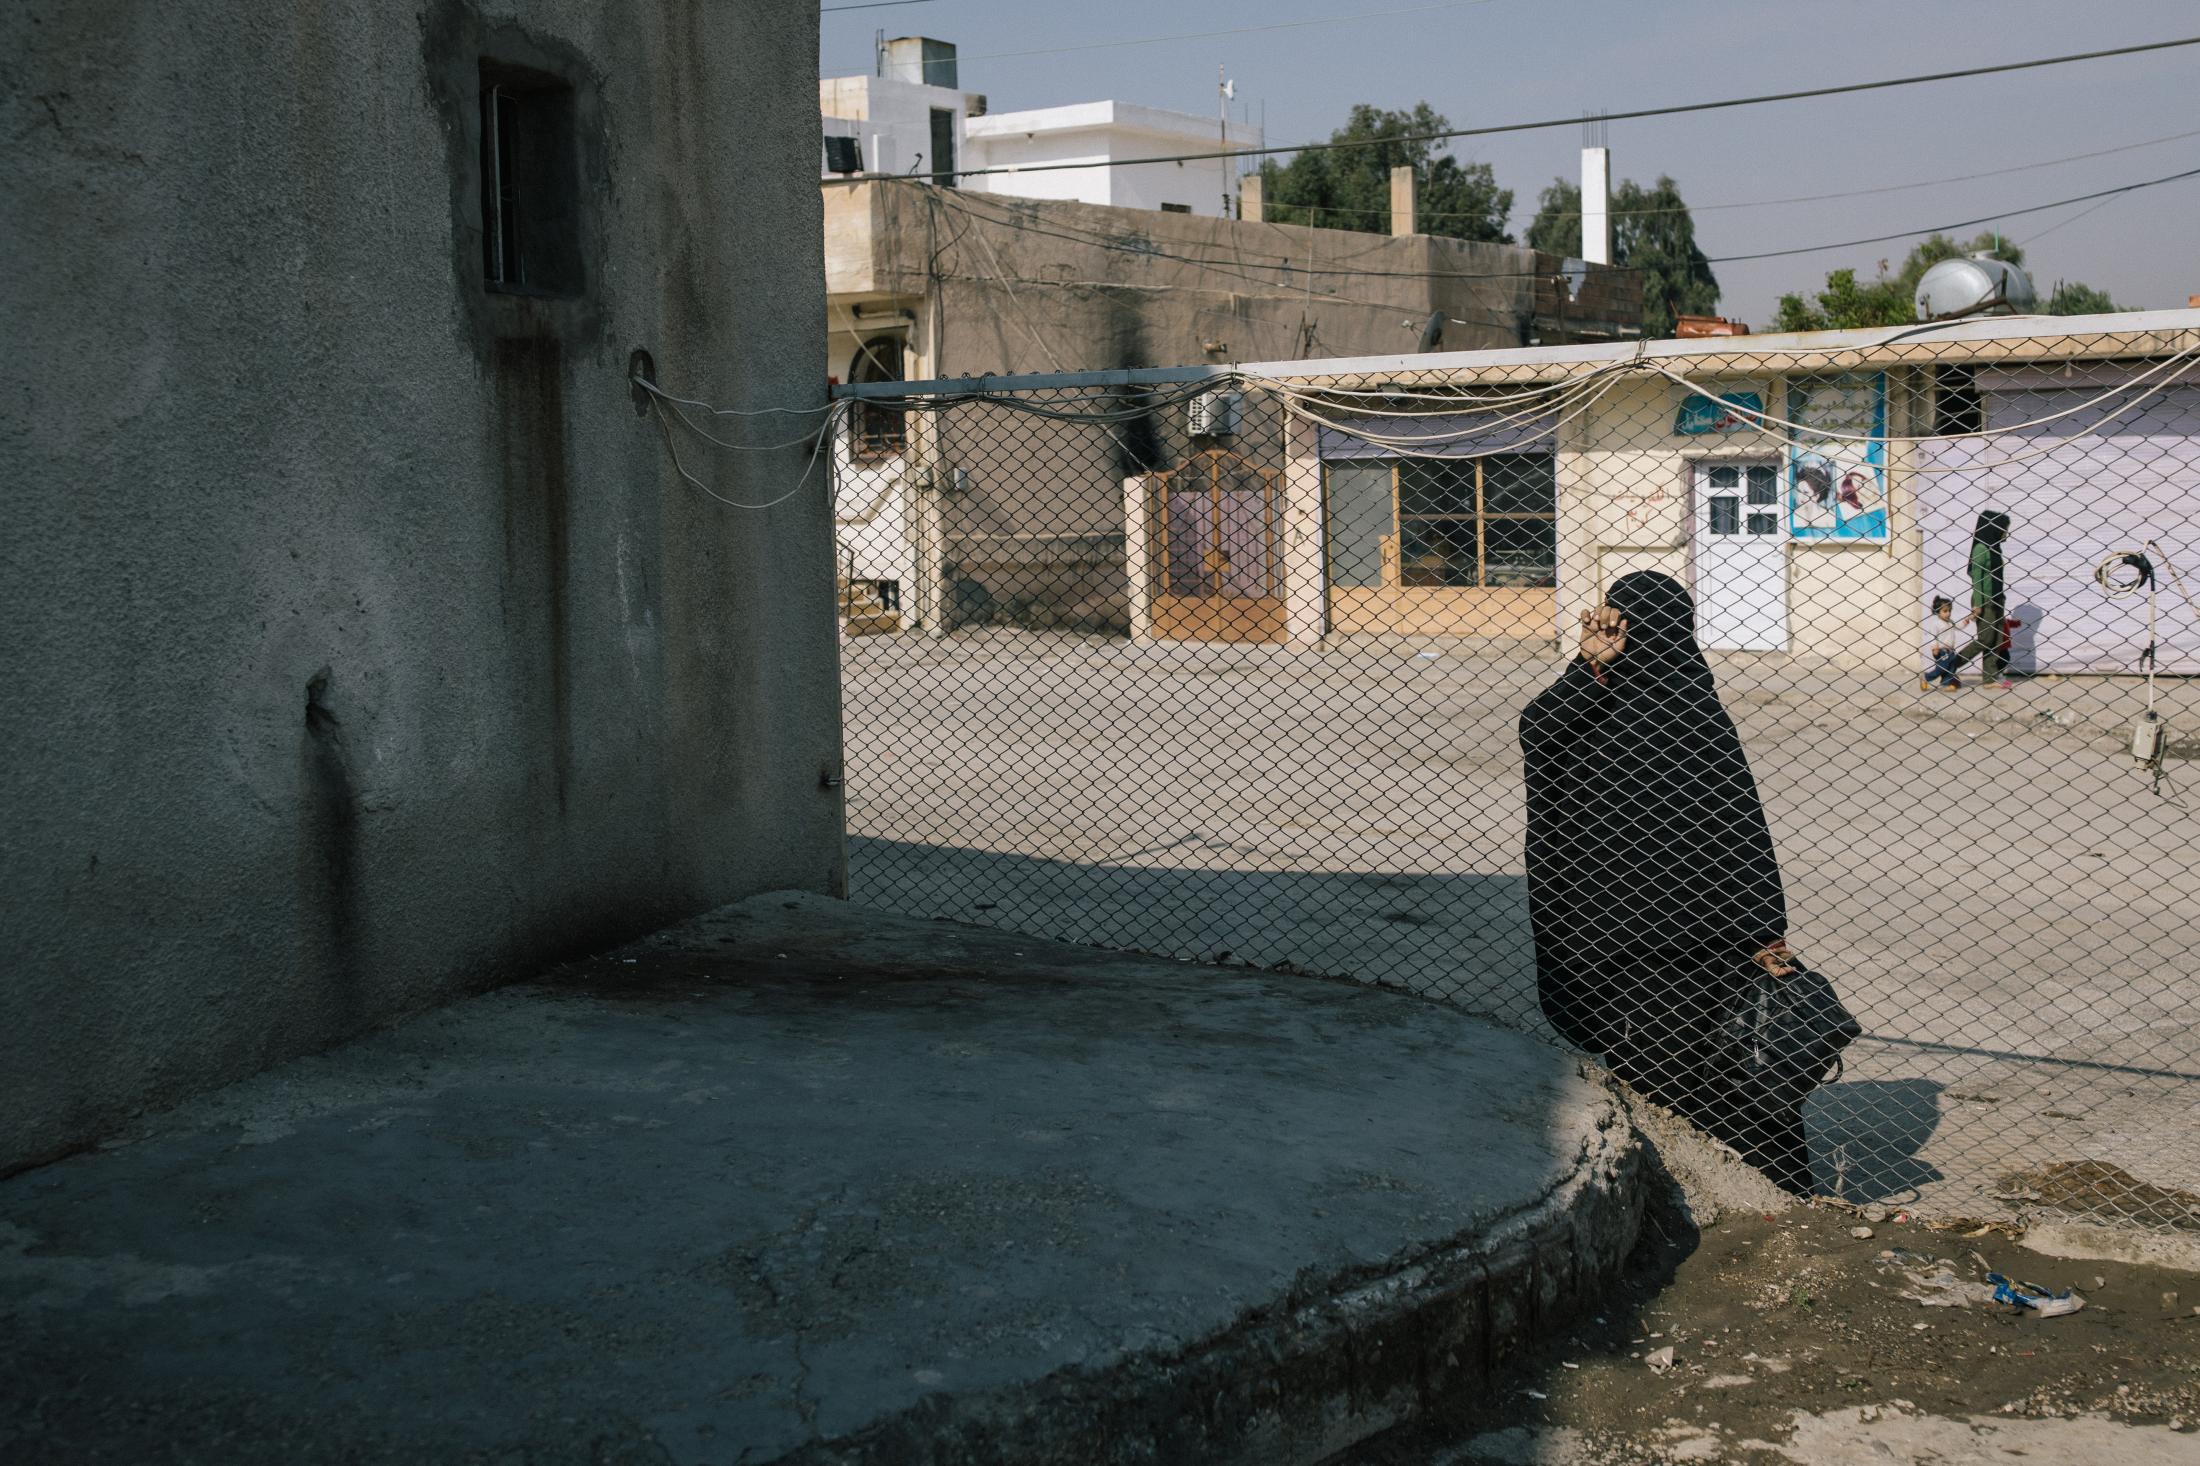 Le 28 octobre 2019. Prison où des membres suspectés d'appartenir à l'Etat islamqiue sont détenus. Une femme attend non loin.